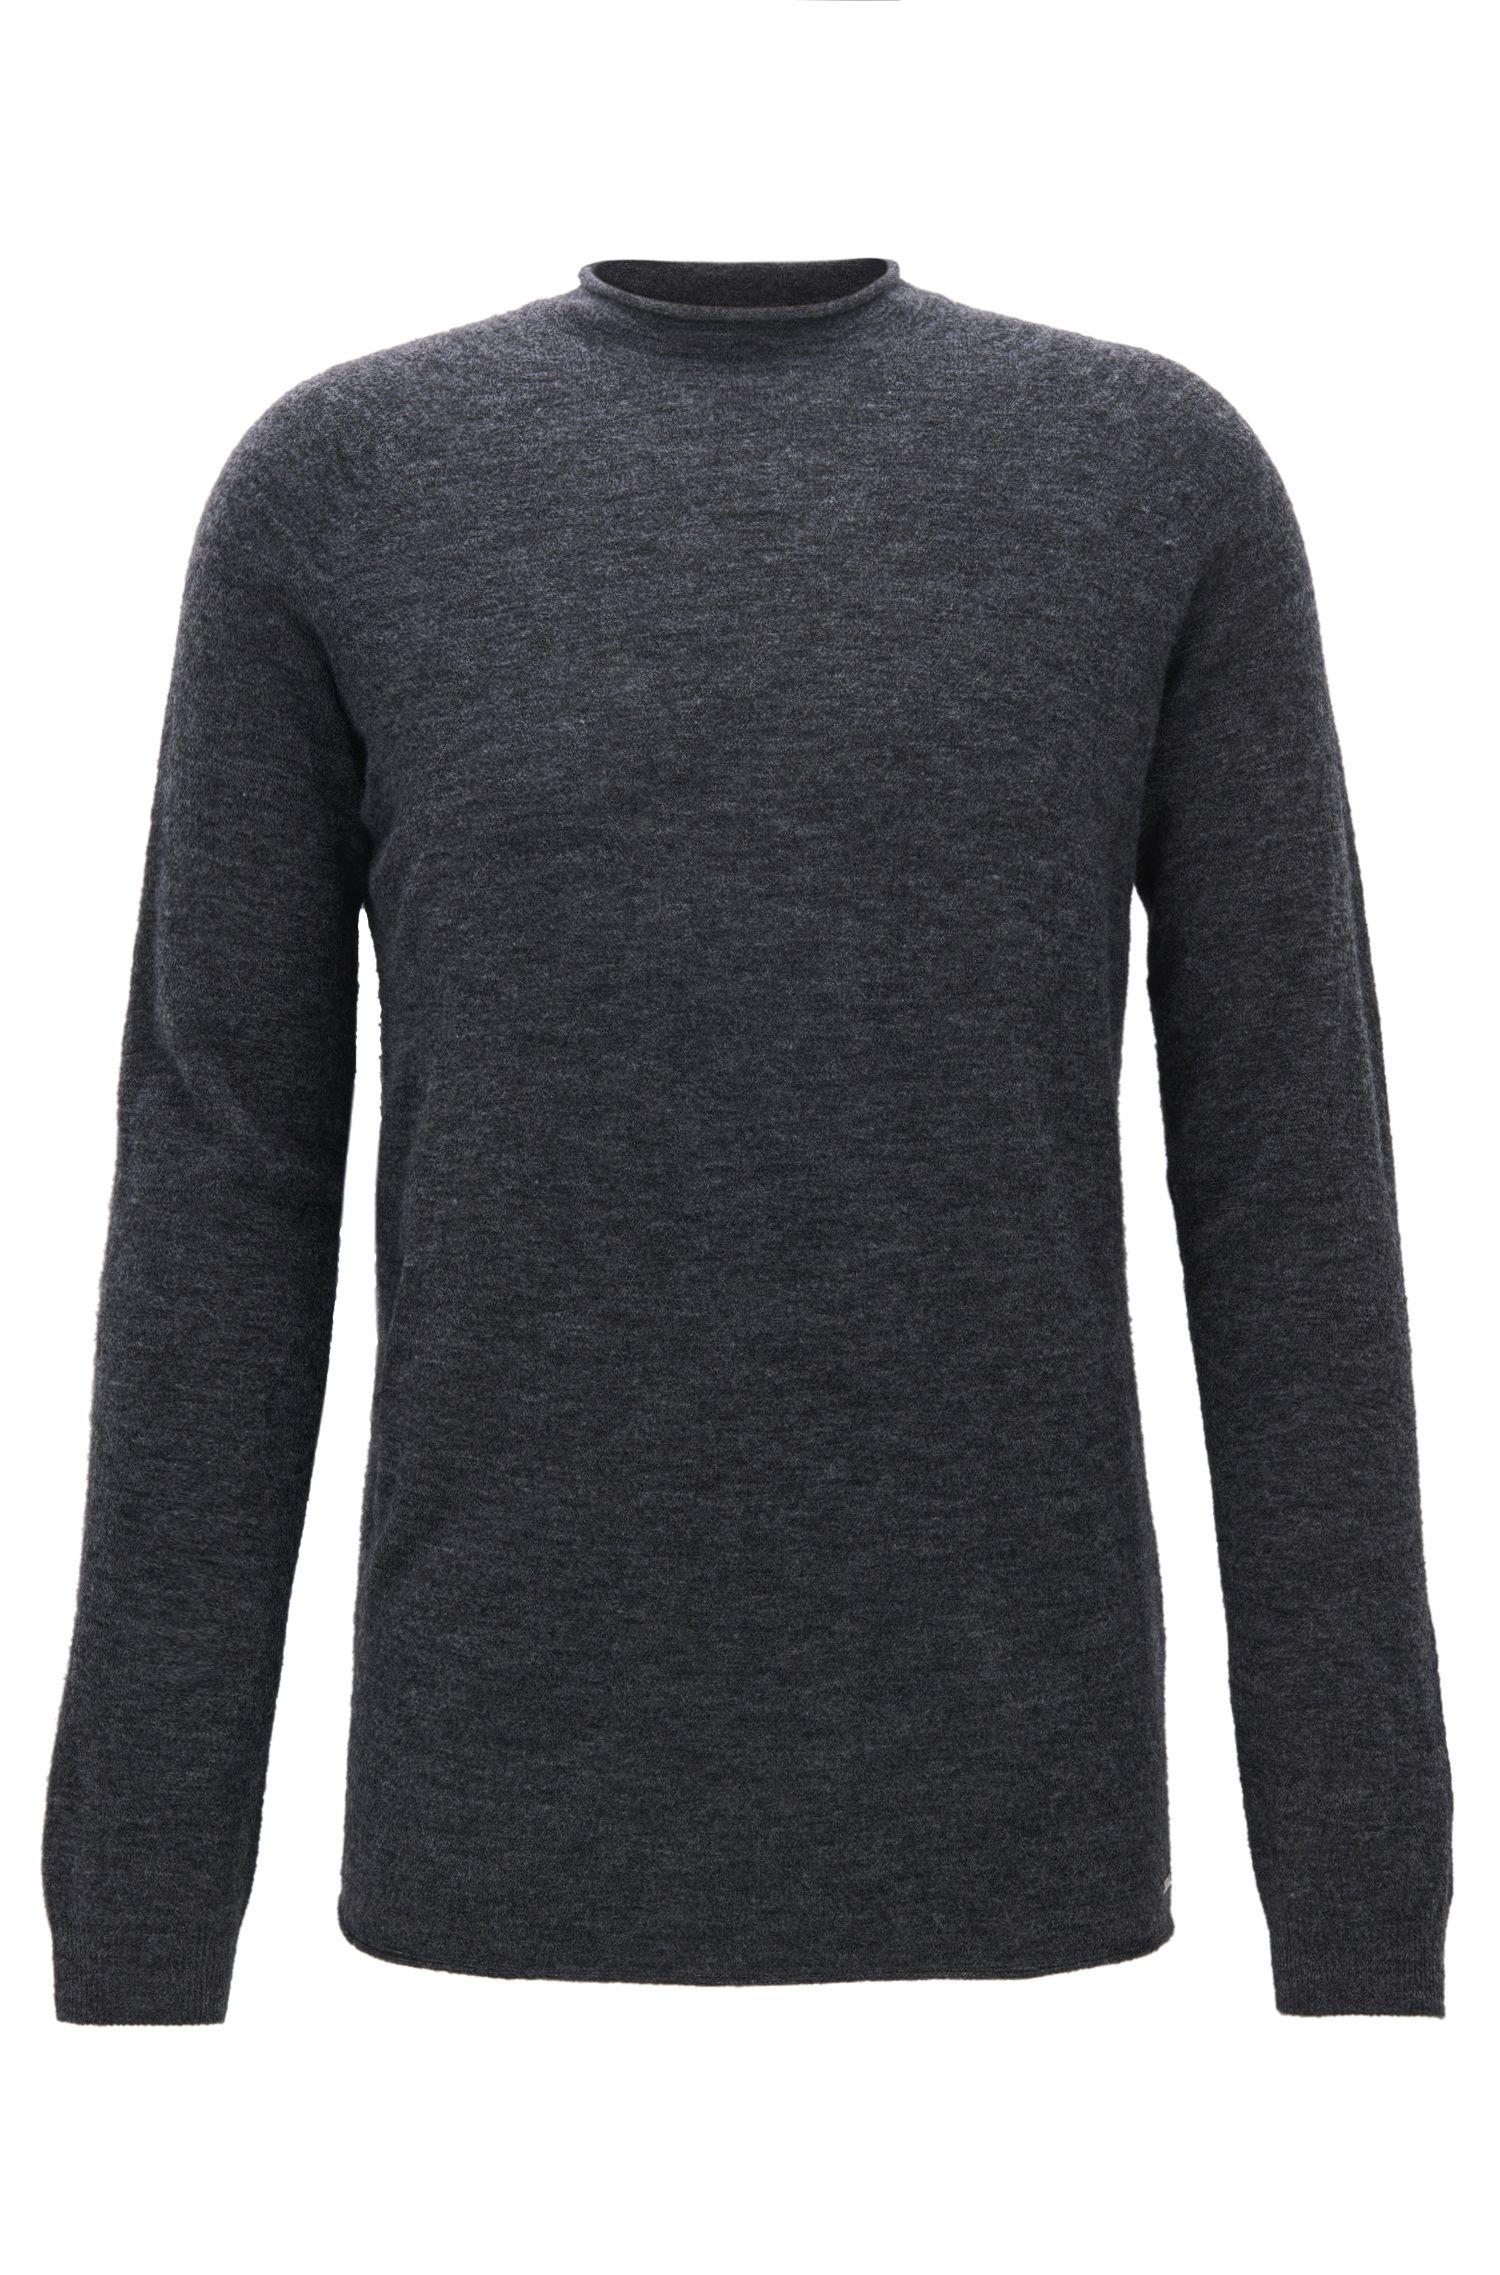 Pull sans couture en laine mélangée